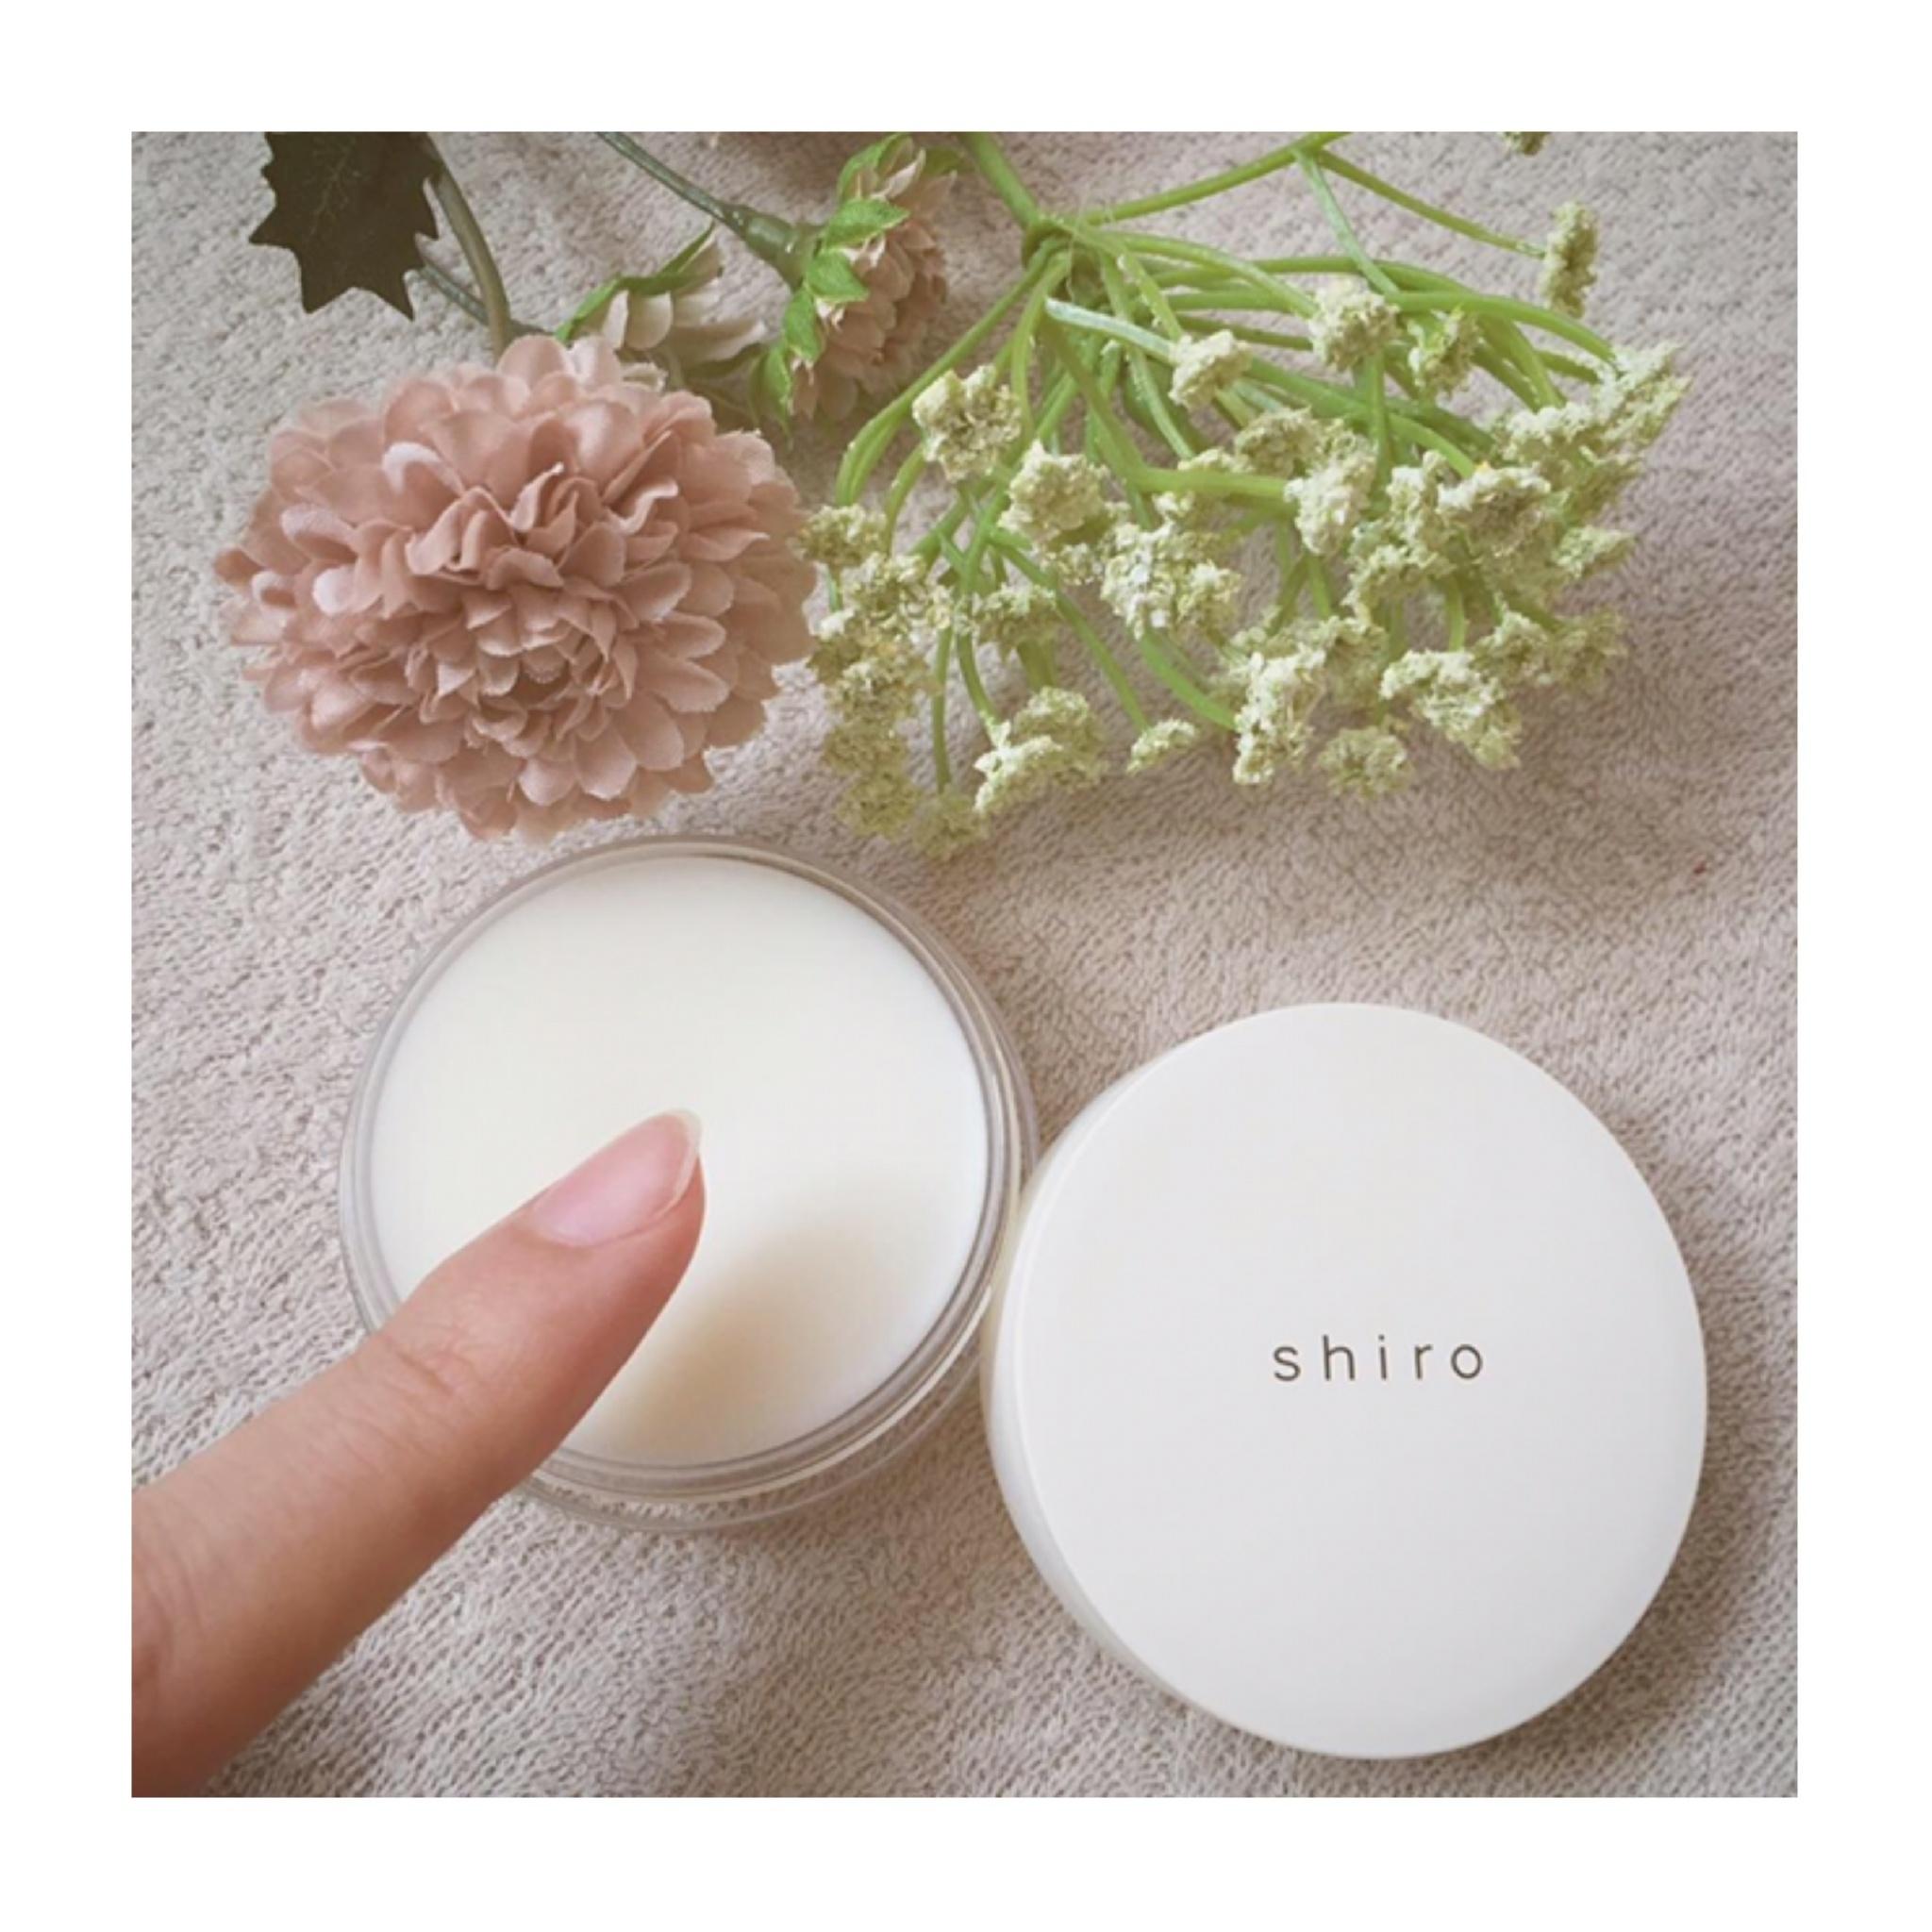 《SNSでも話題❤️》【shiro】の練り香水デビューしました☻_2